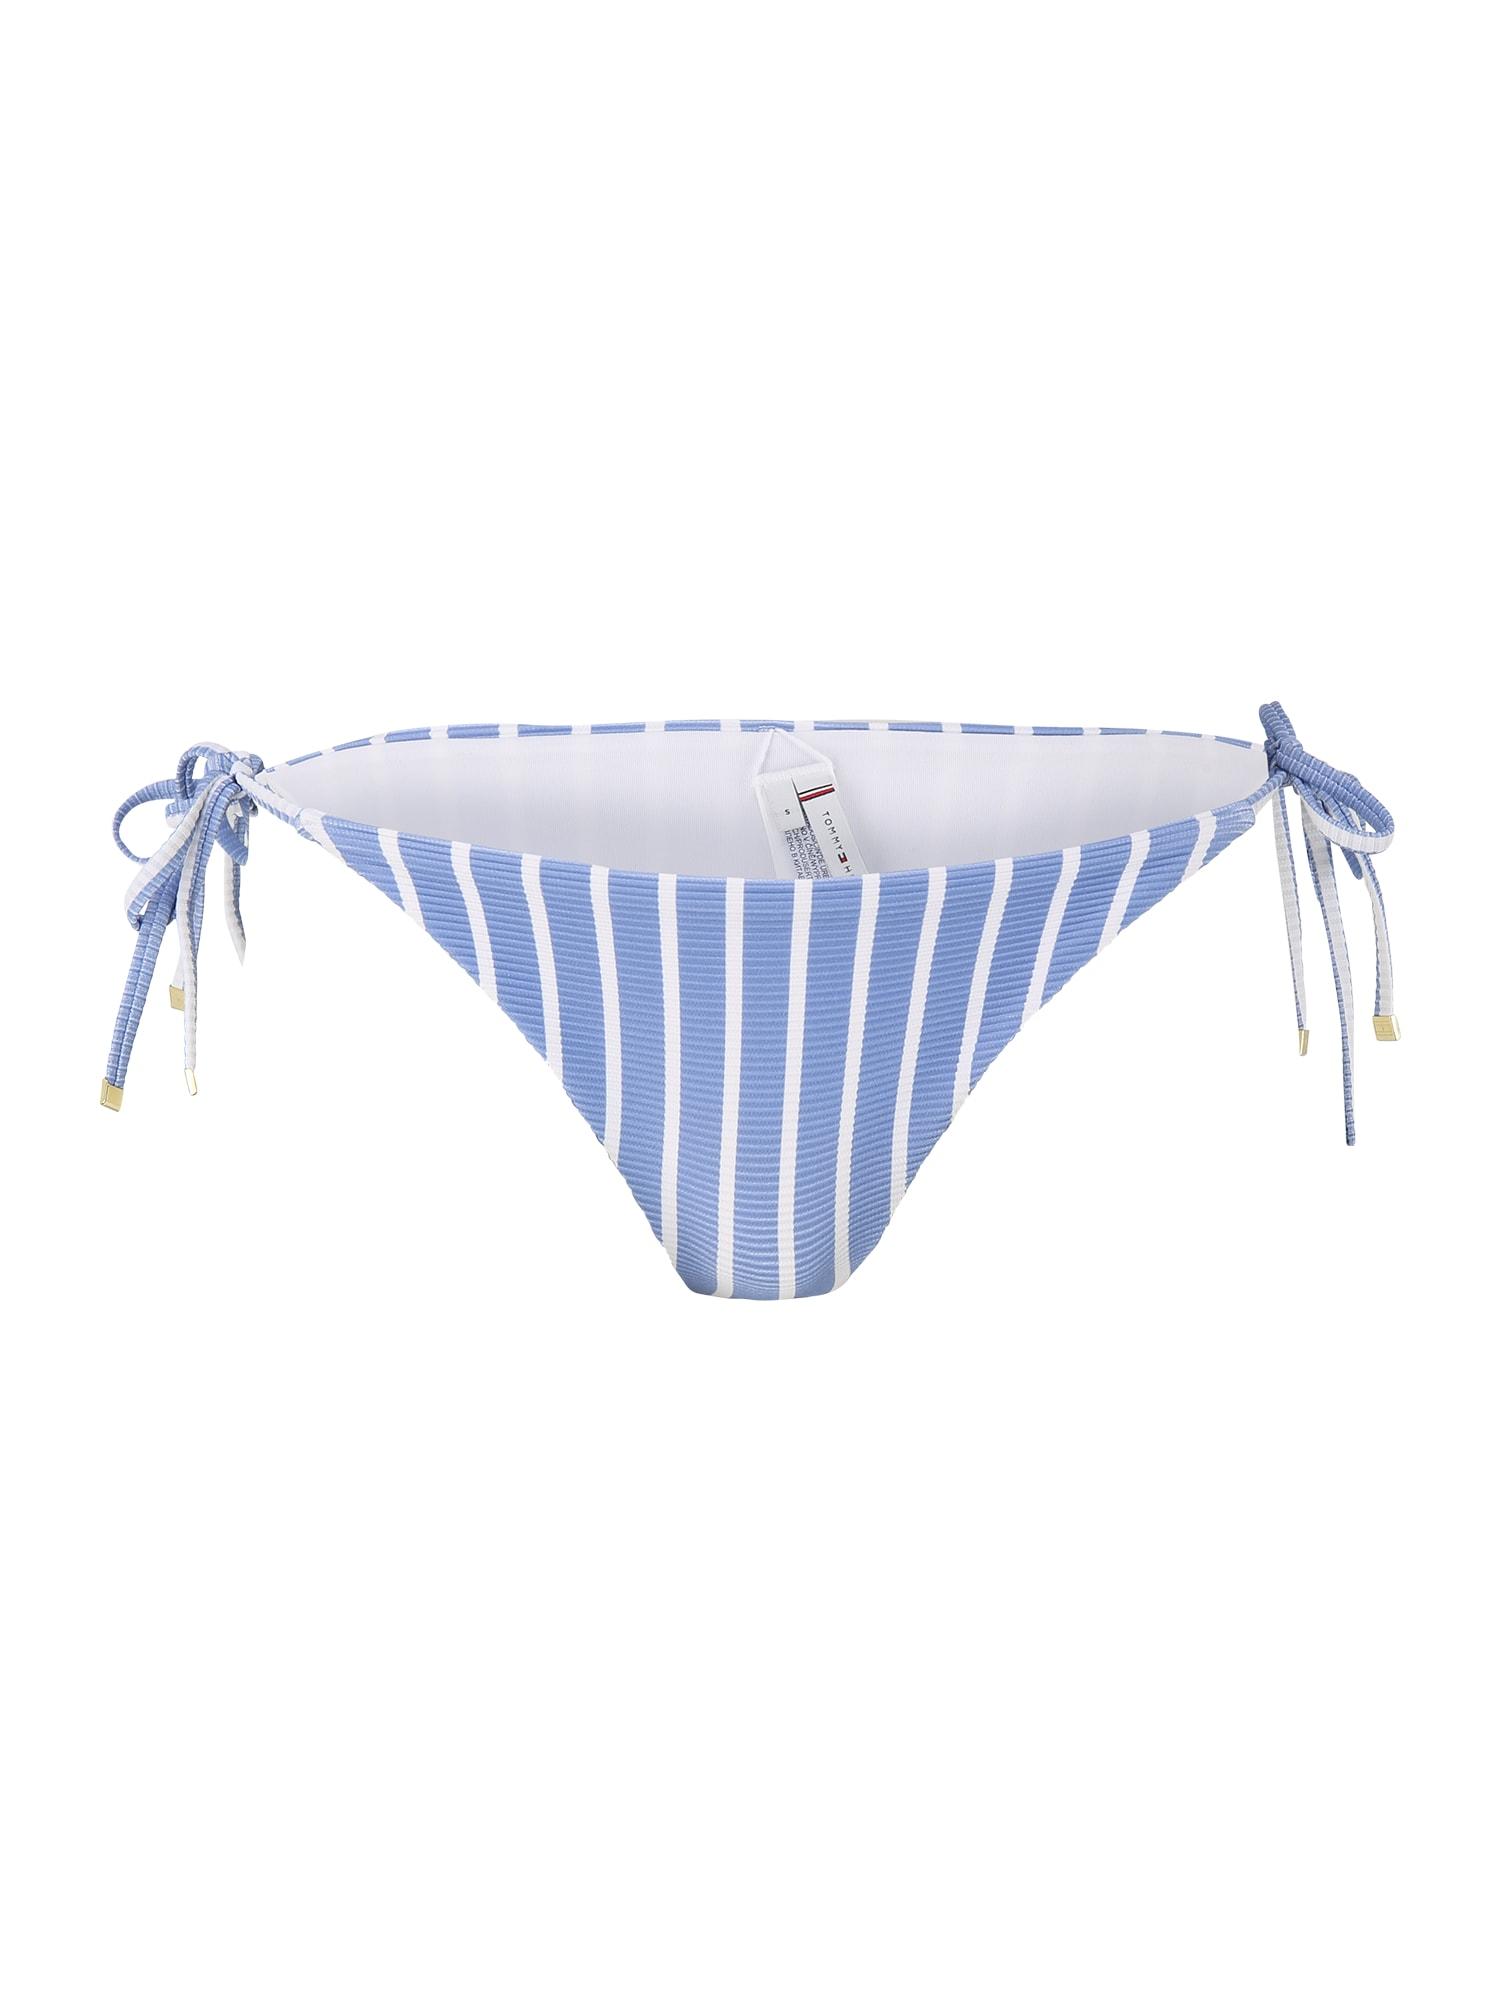 Tommy Hilfiger Underwear Bikinio kelnaitės mėlyna / balta